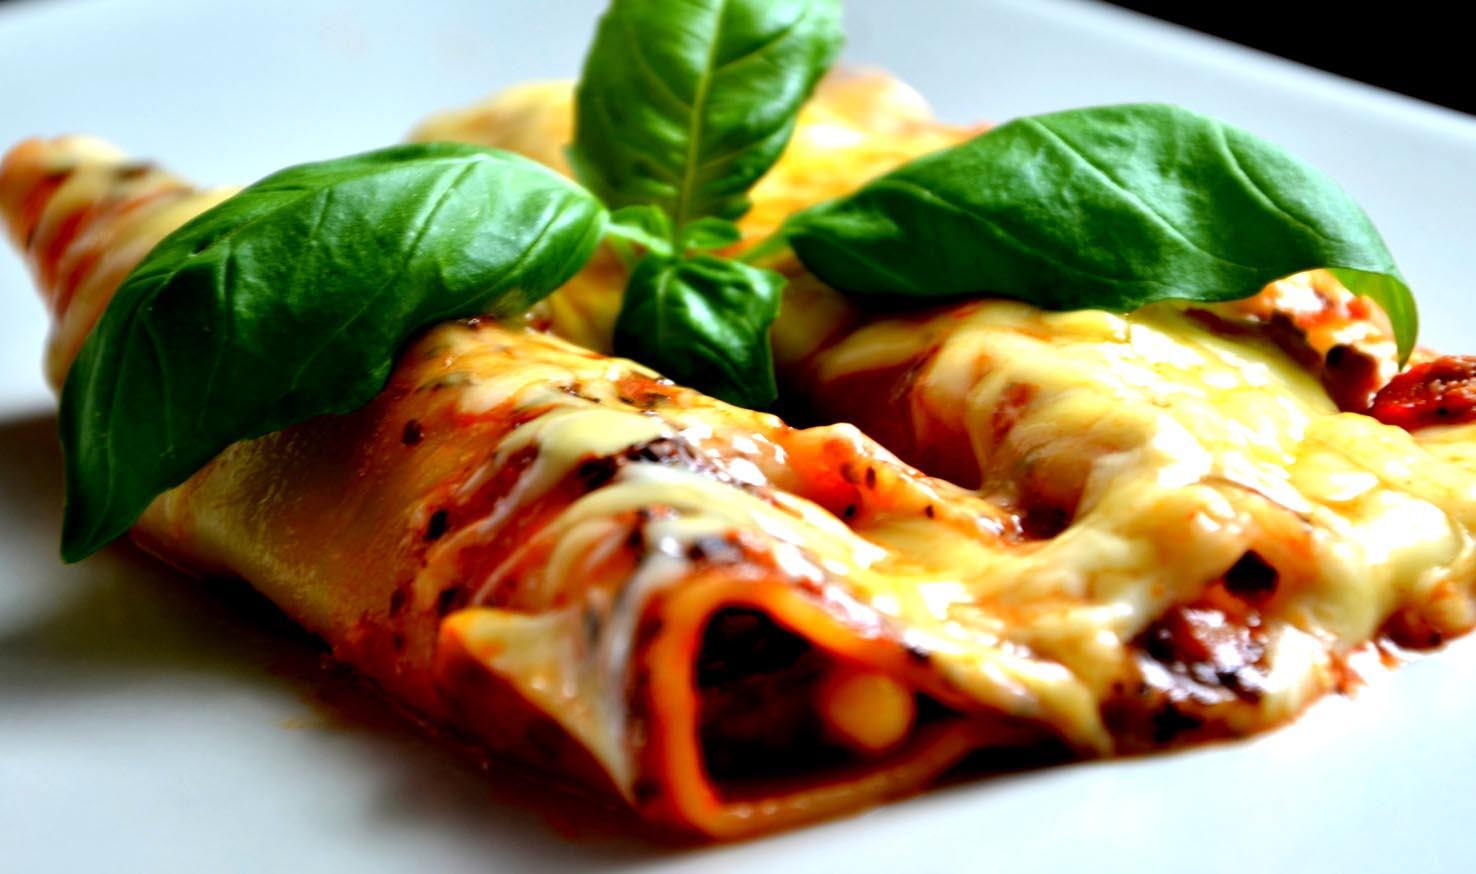 Ricetta cannelloni alla napoletana con goloso e classico ripieno